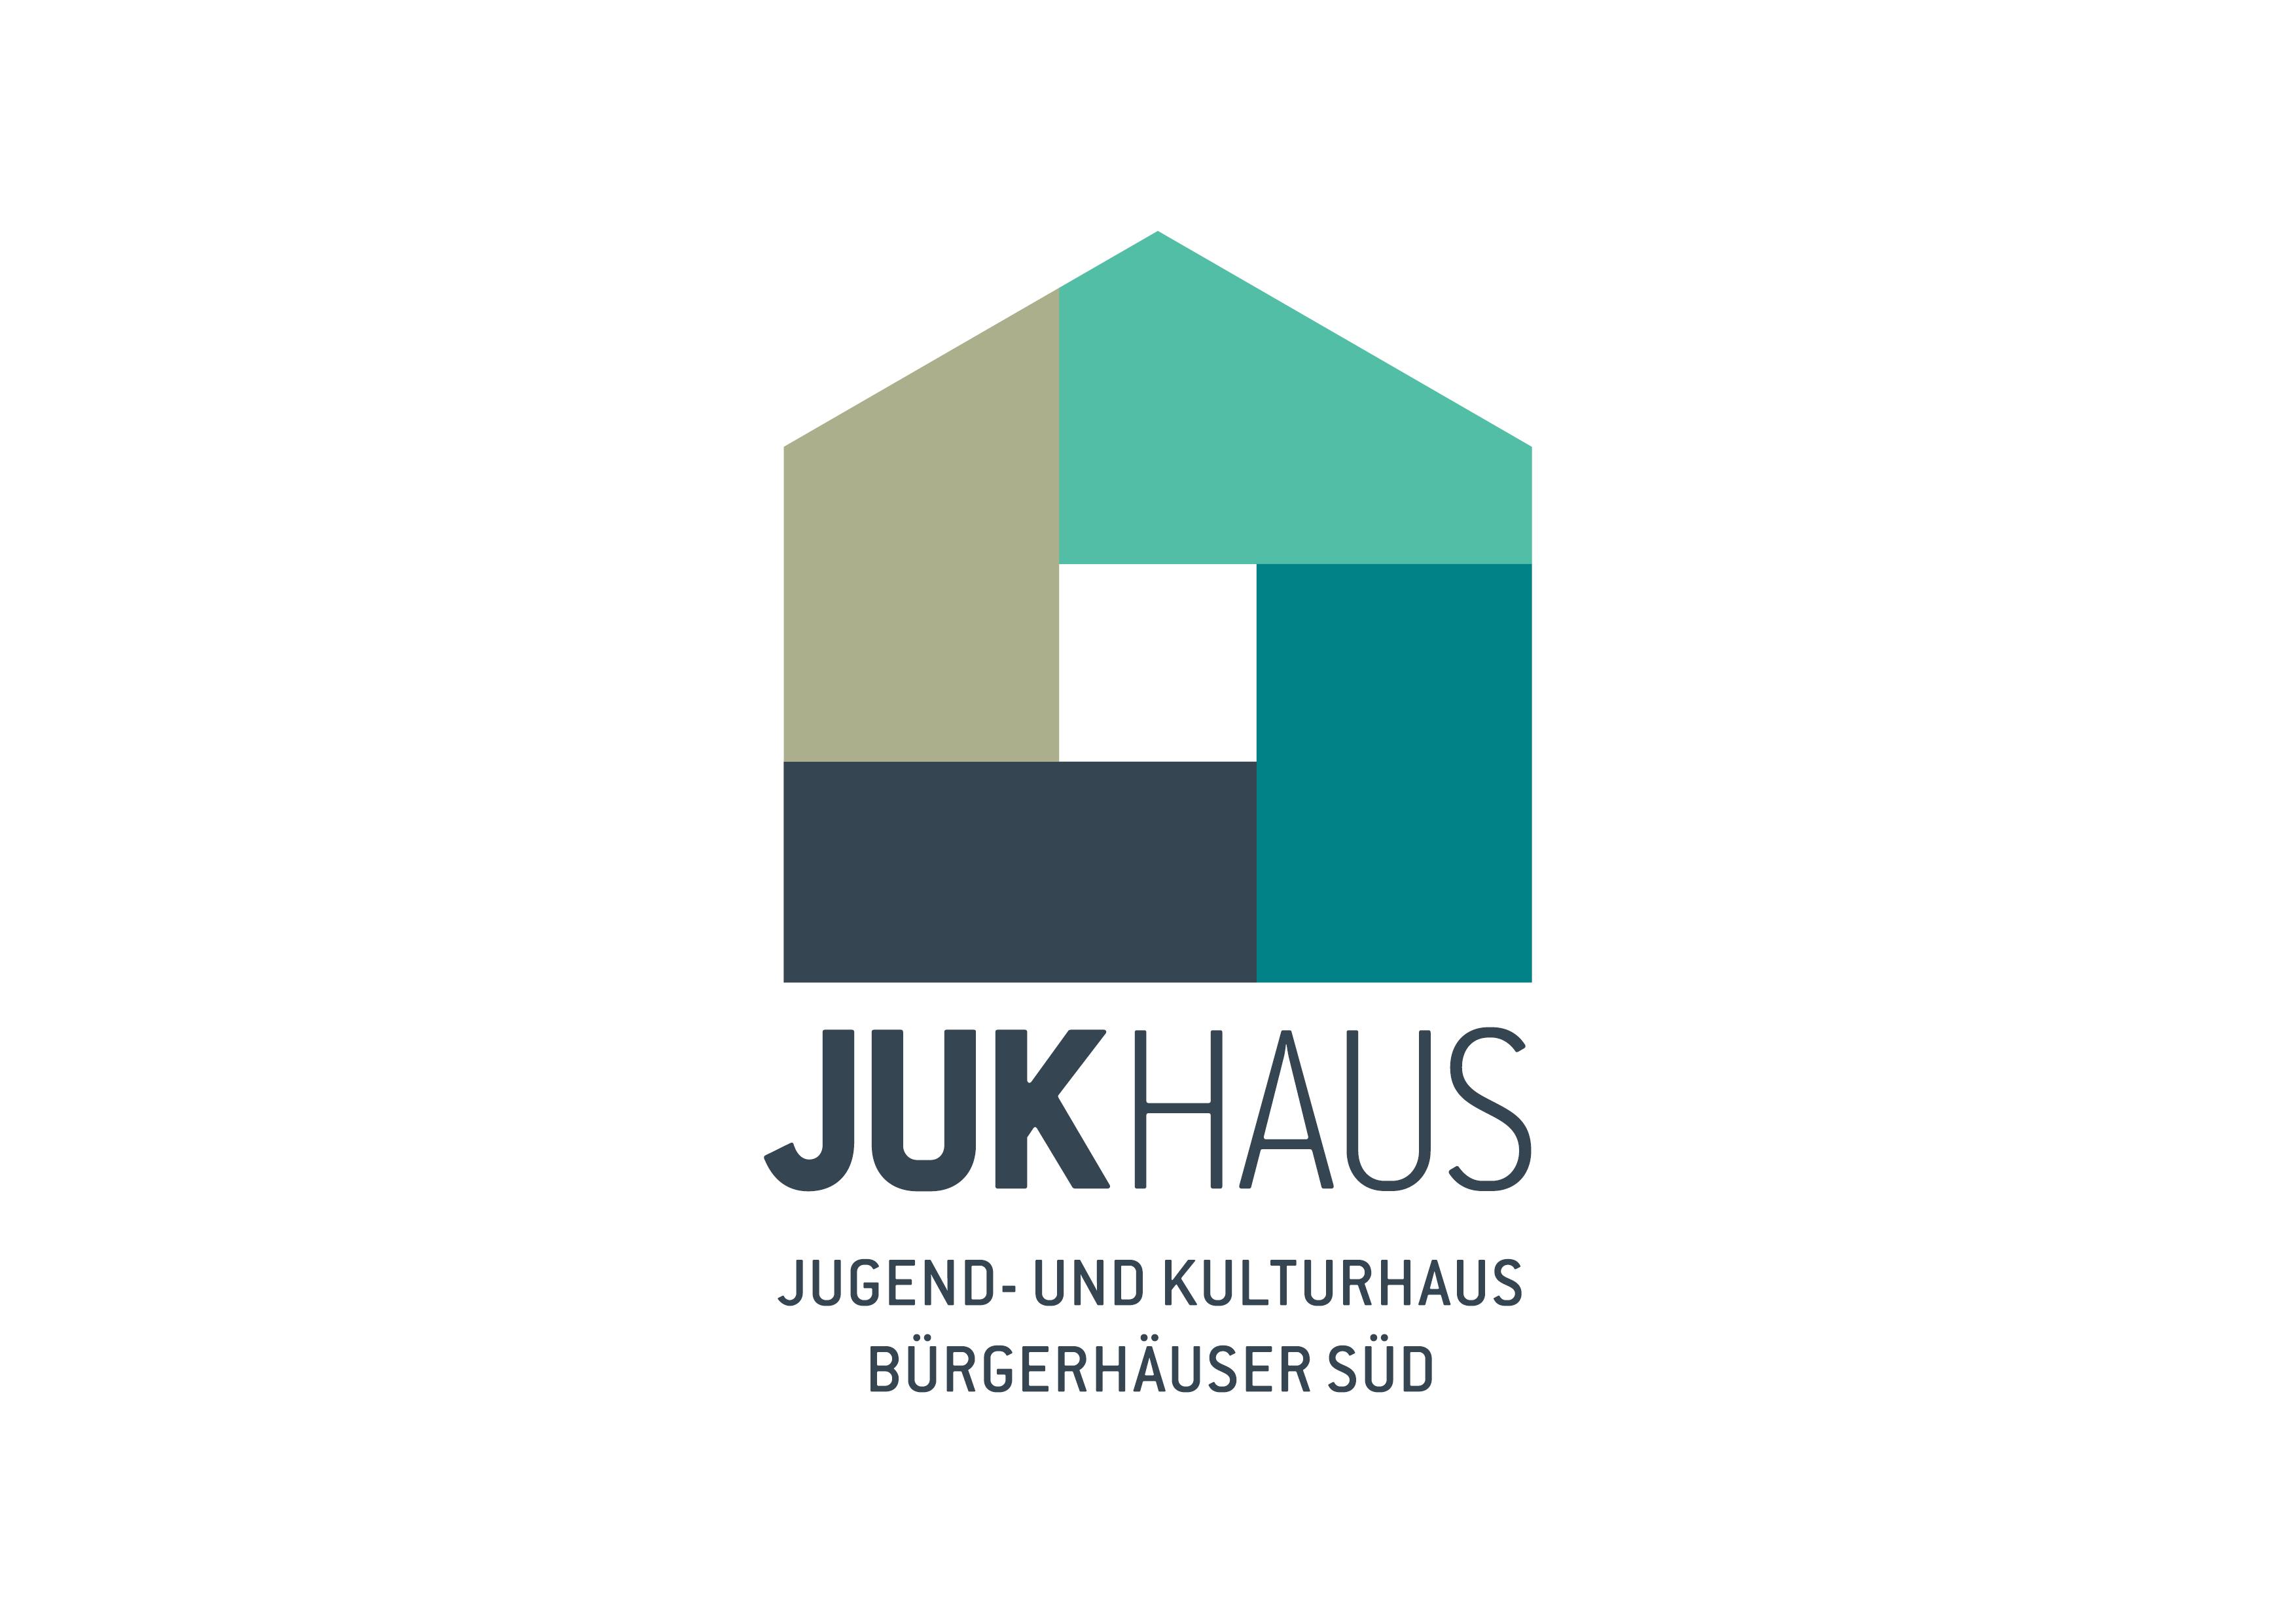 JuK-Haus Logo